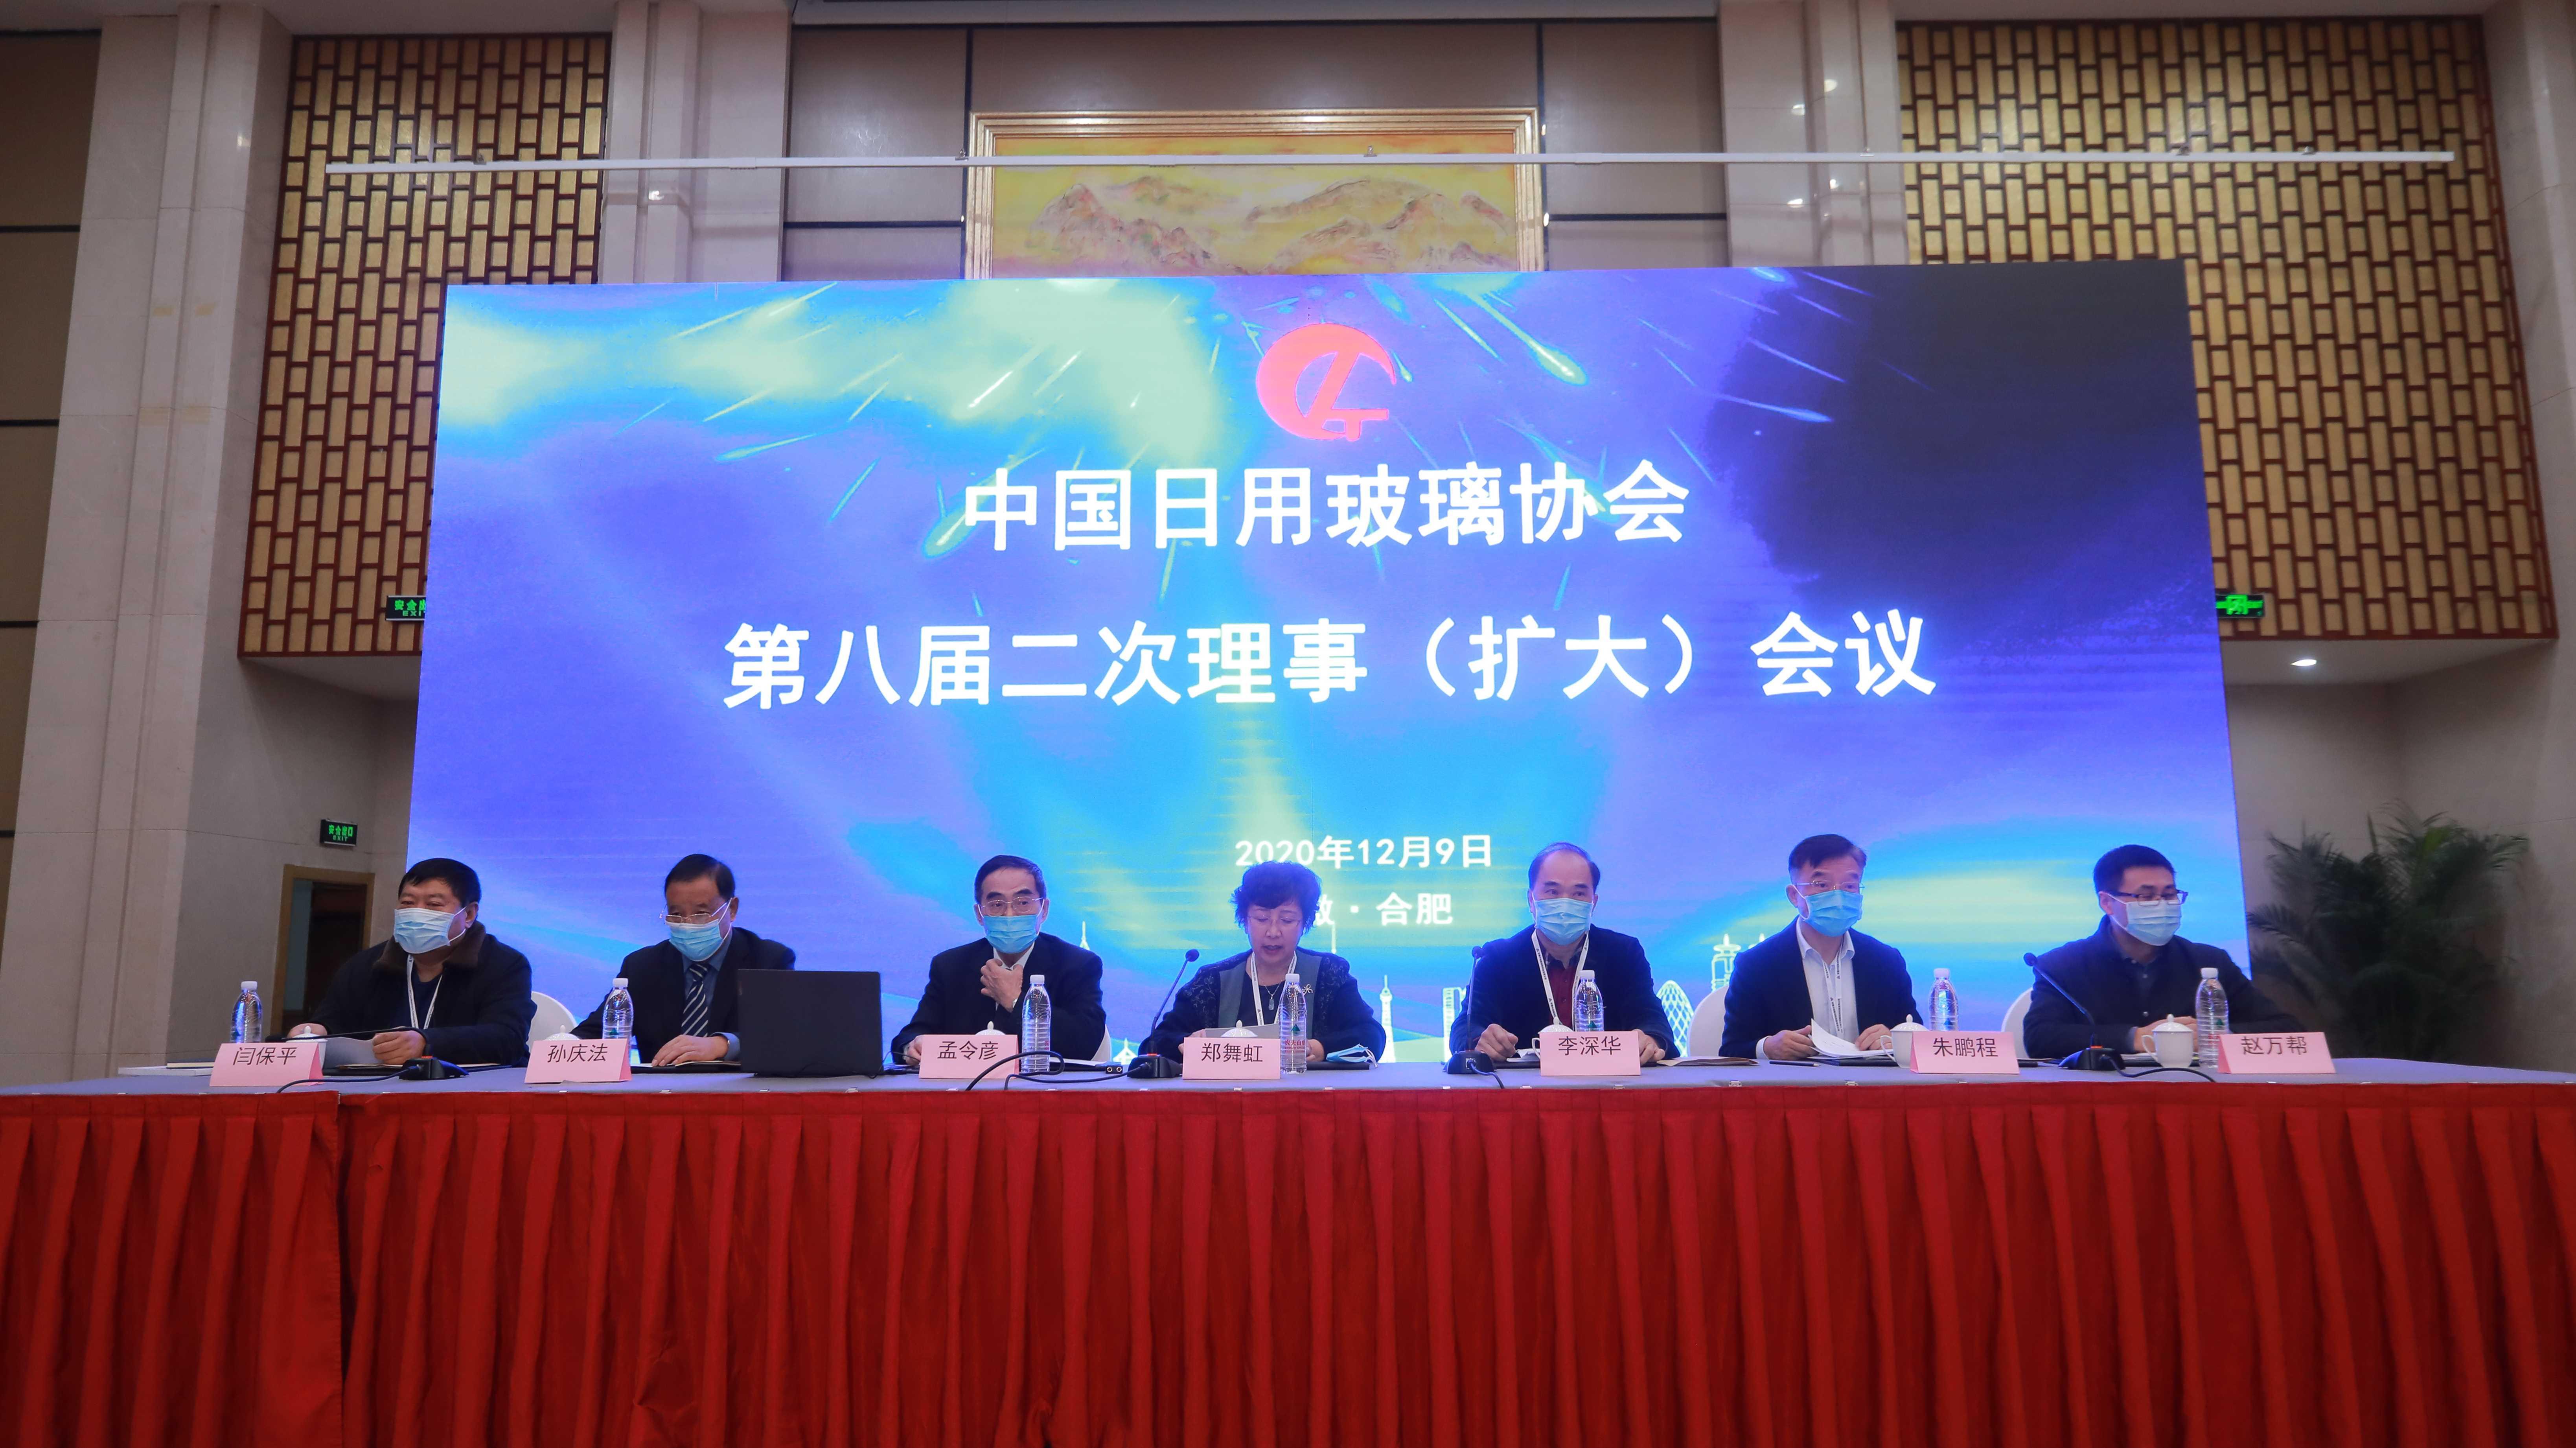 中國玻協第八屆二次理事(擴大)會議在安徽合肥召開